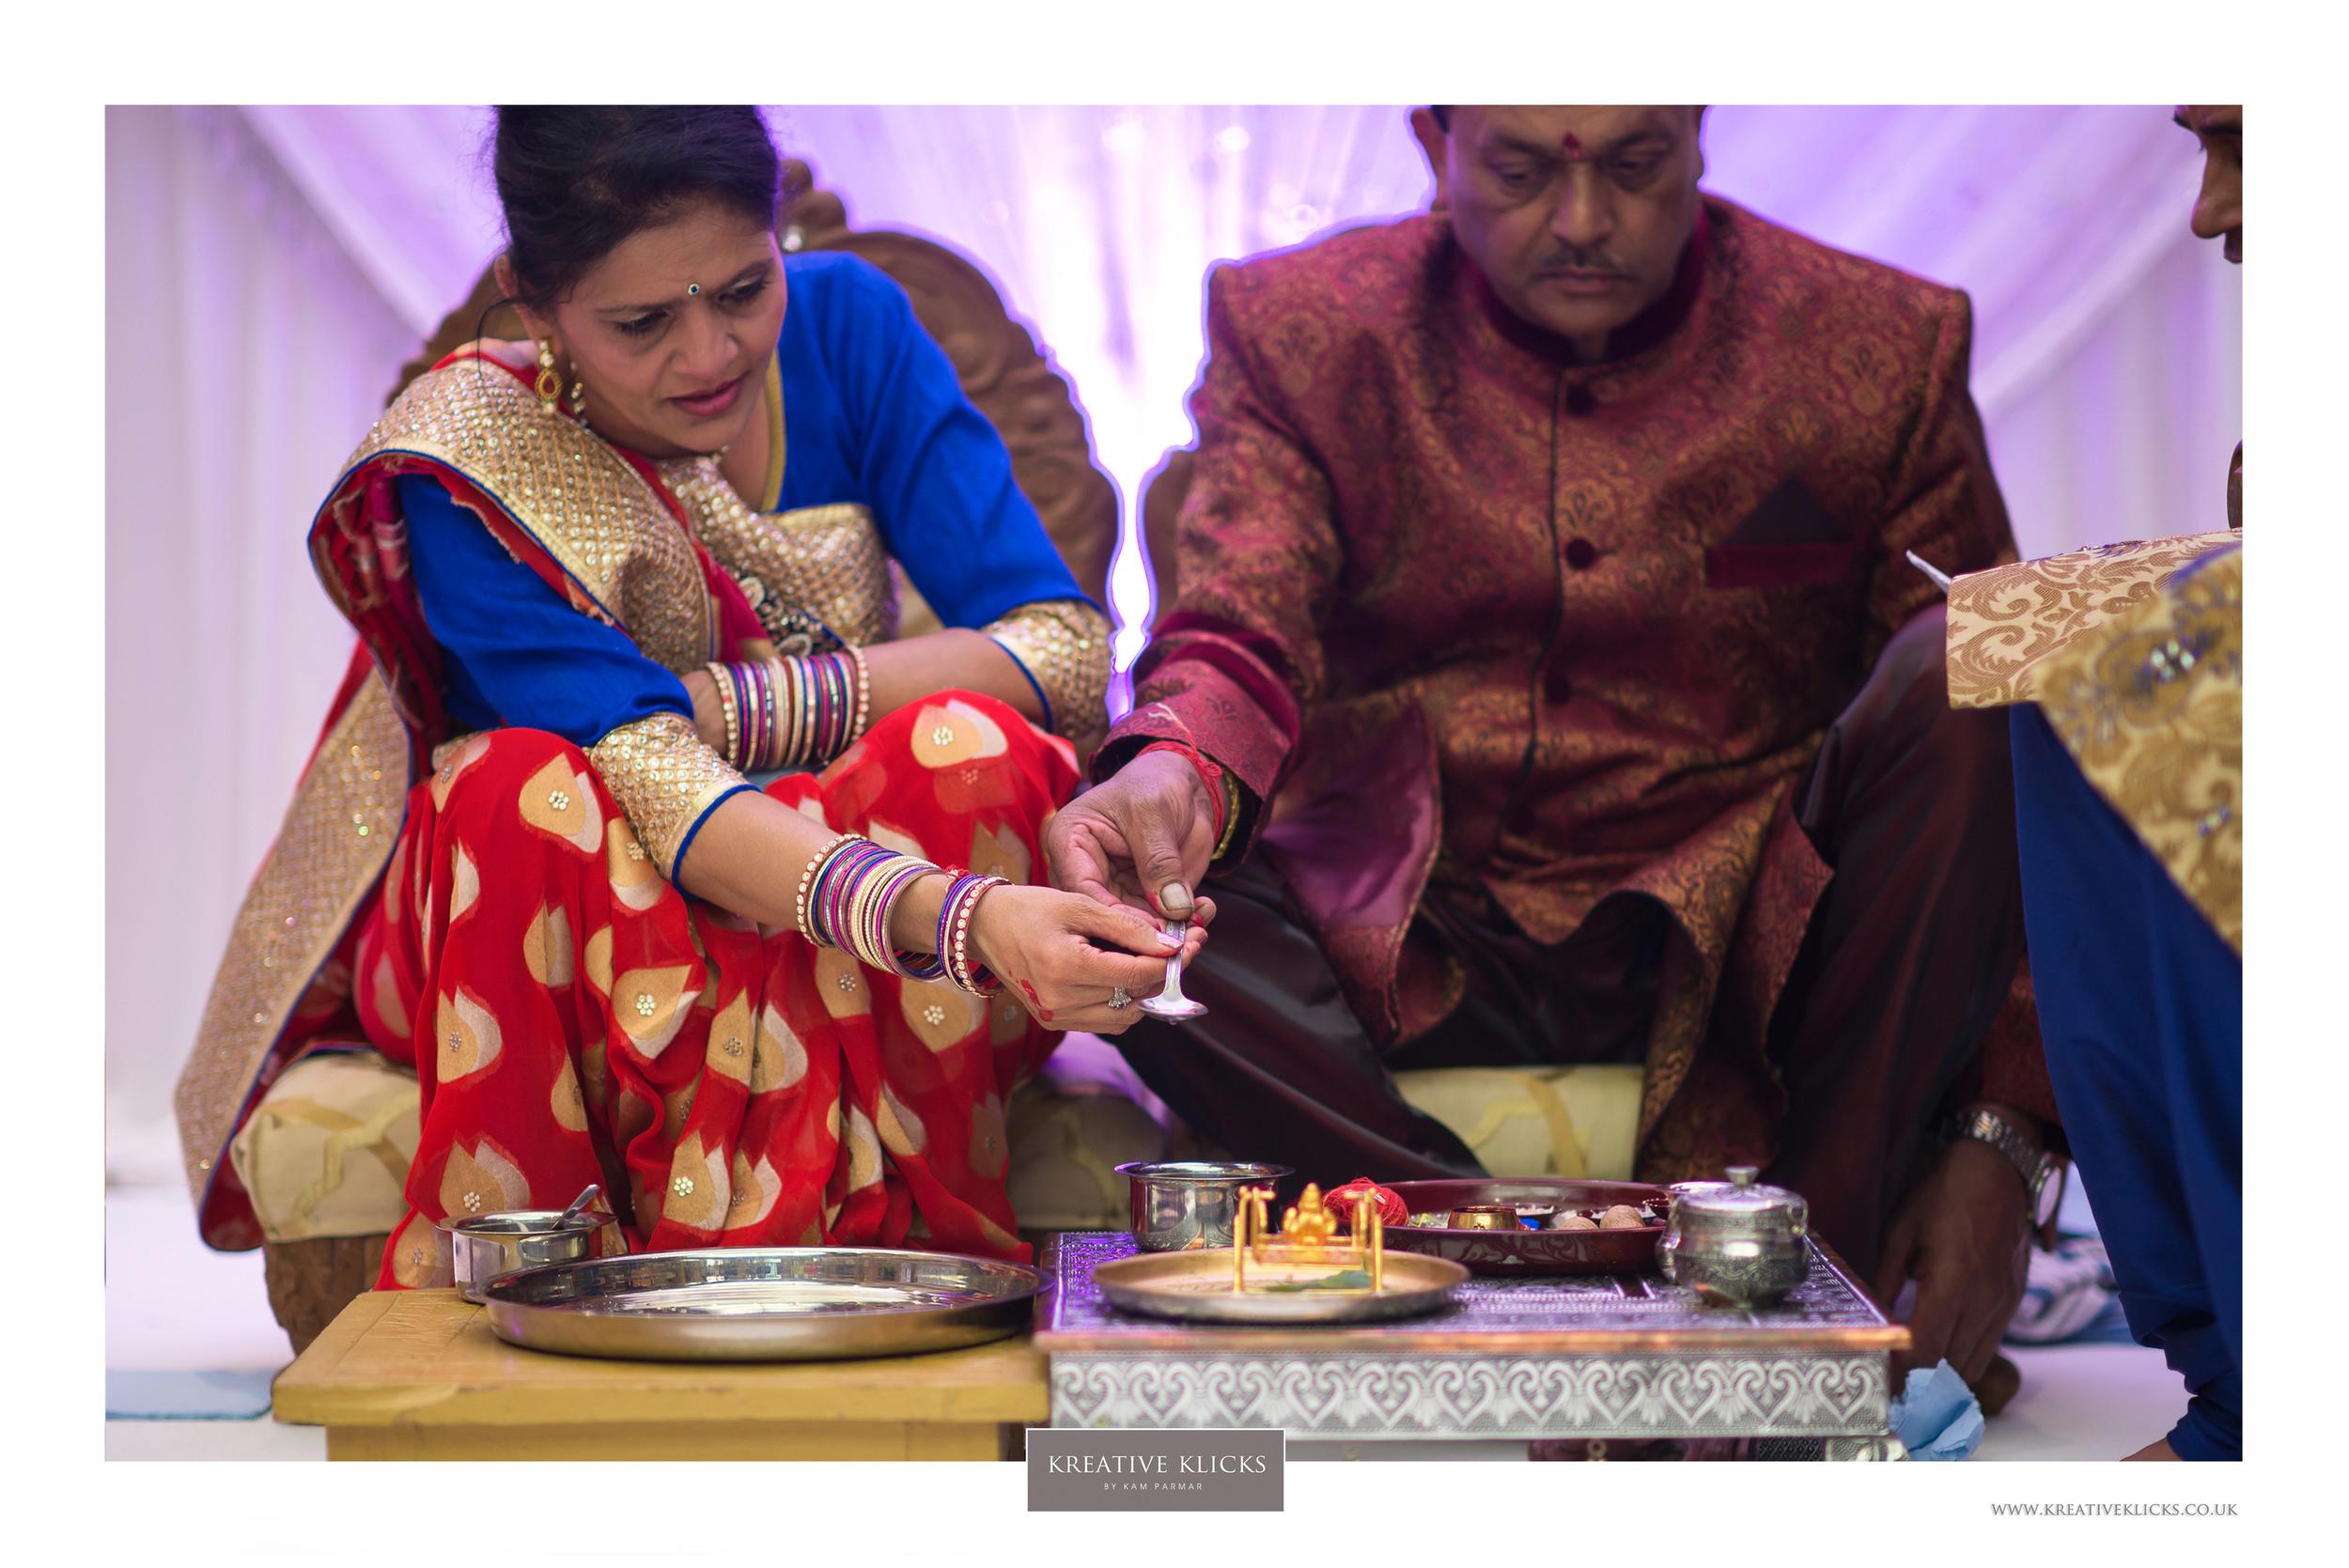 H&M_Hindu-391 KK.jpg